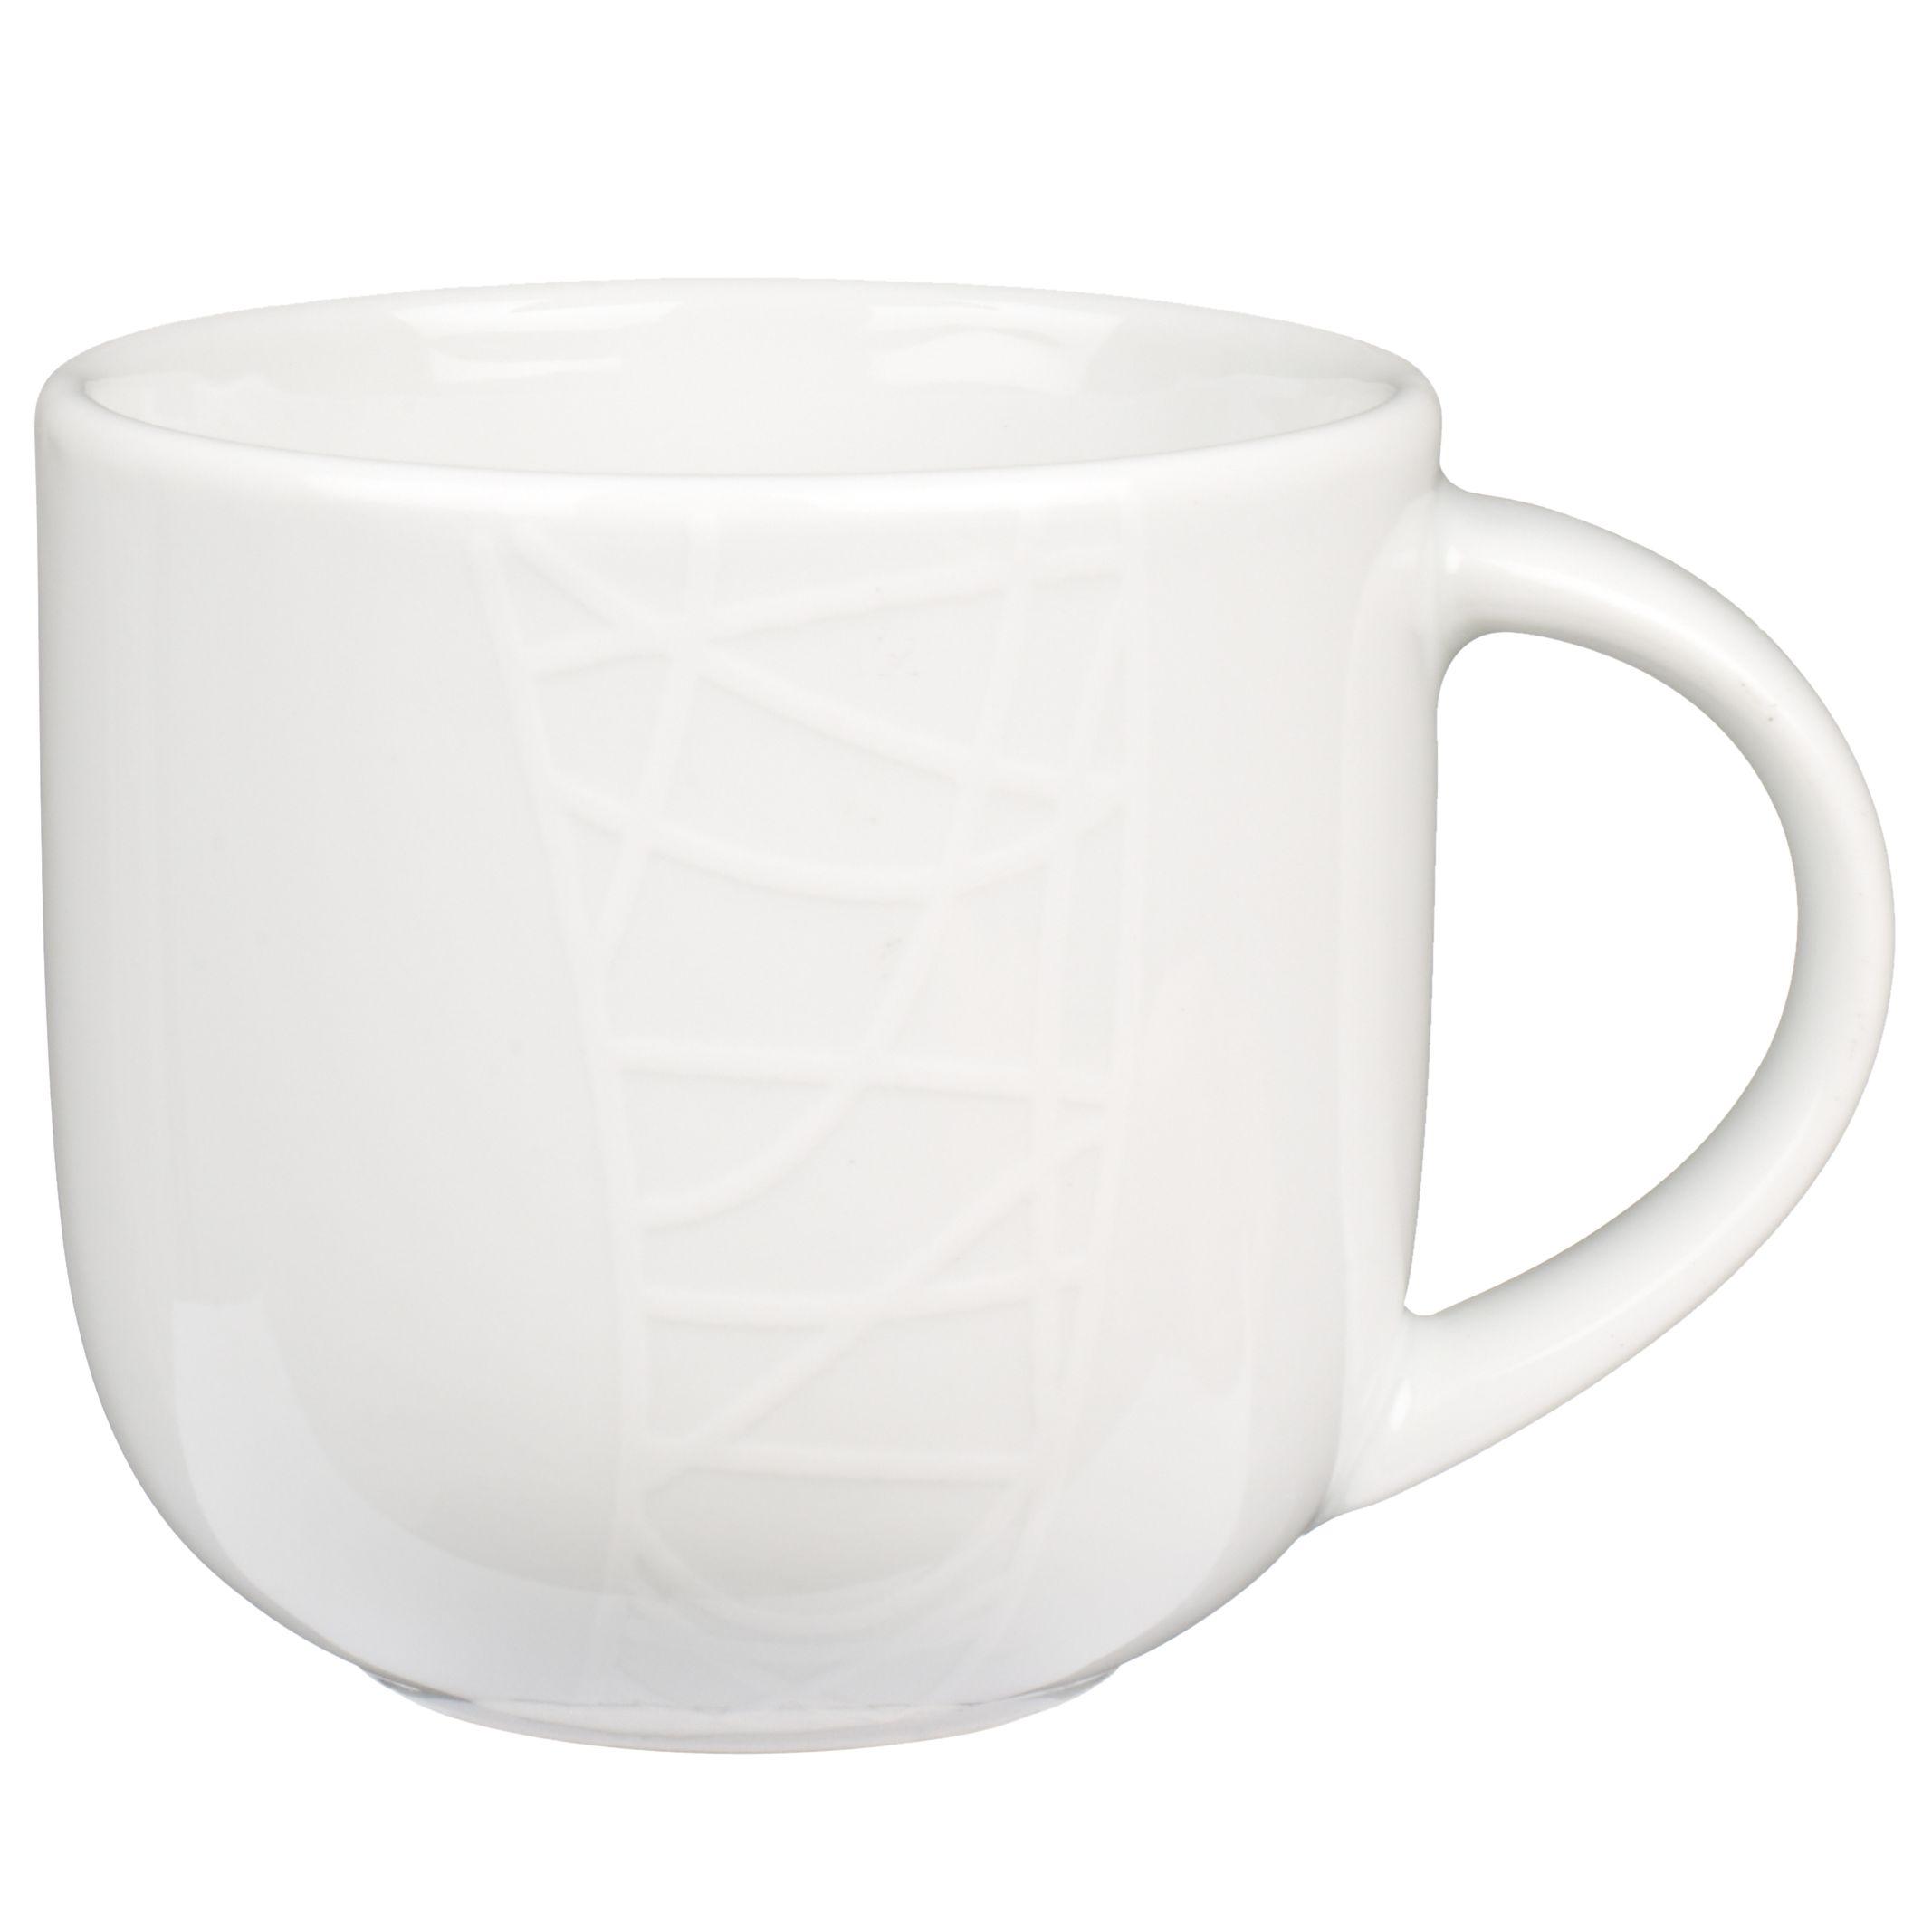 Snug Coffee Cup 230551088